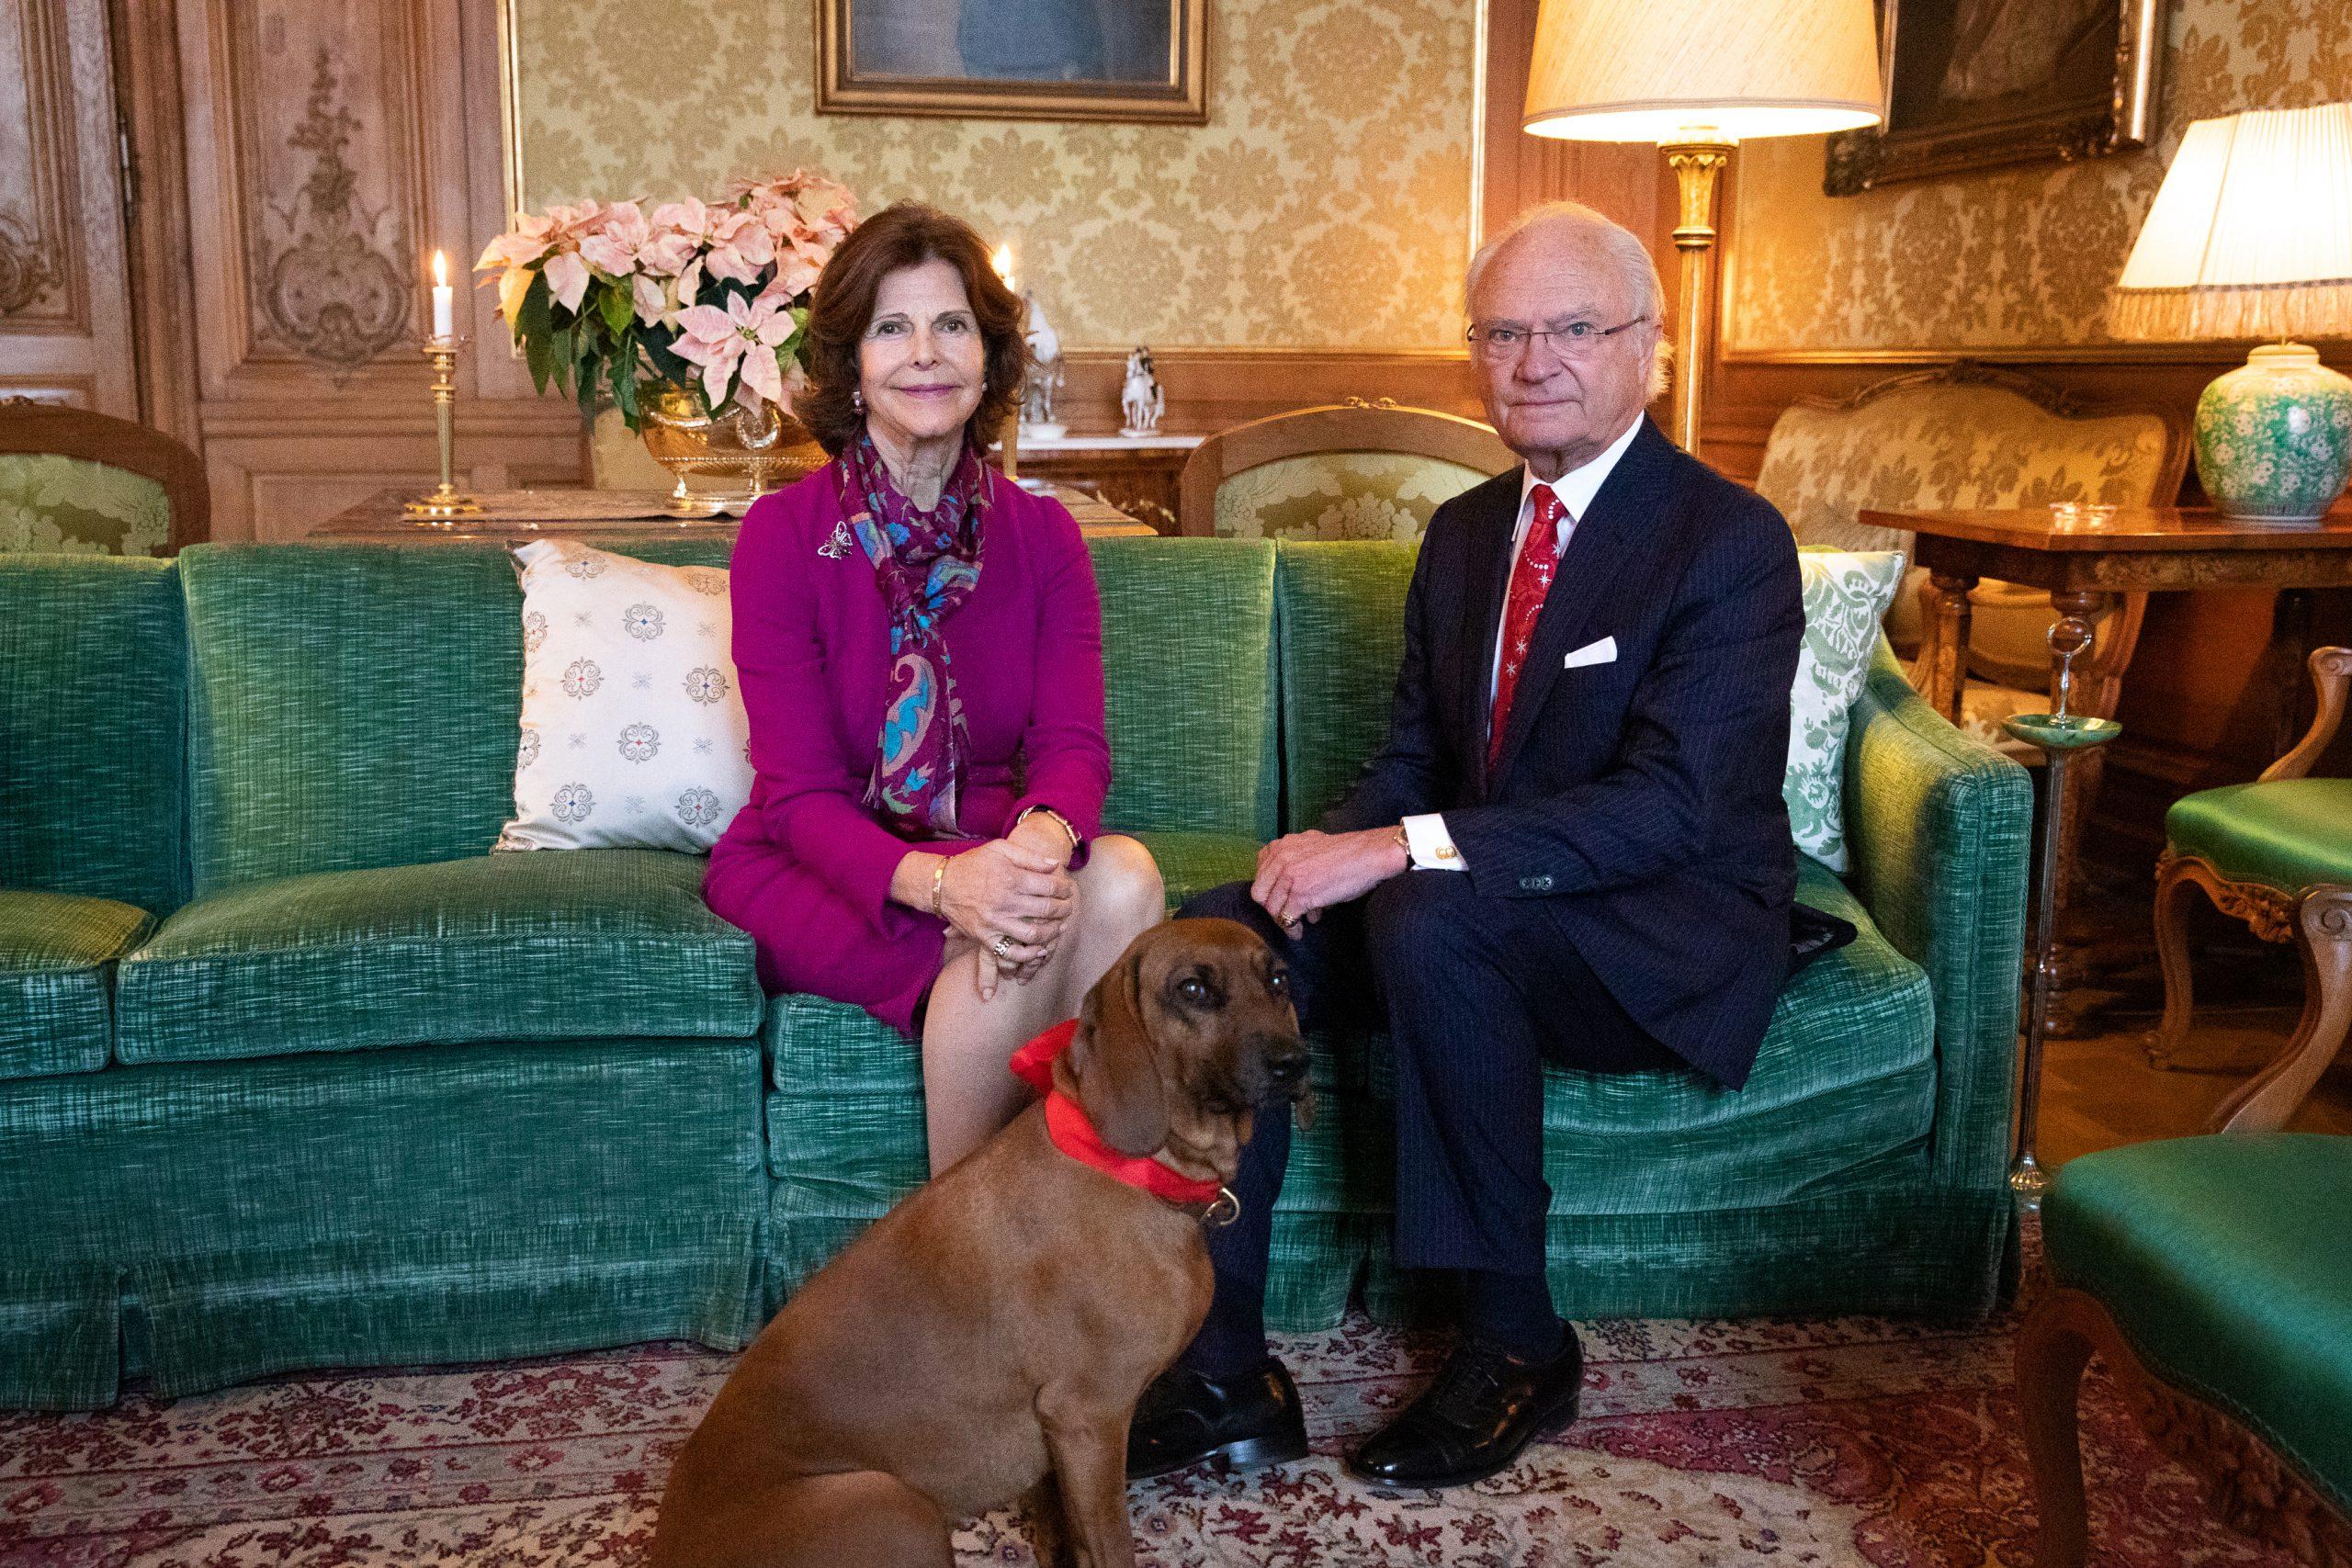 Det svenska kungaparet sitter i en soffa med sin hund.